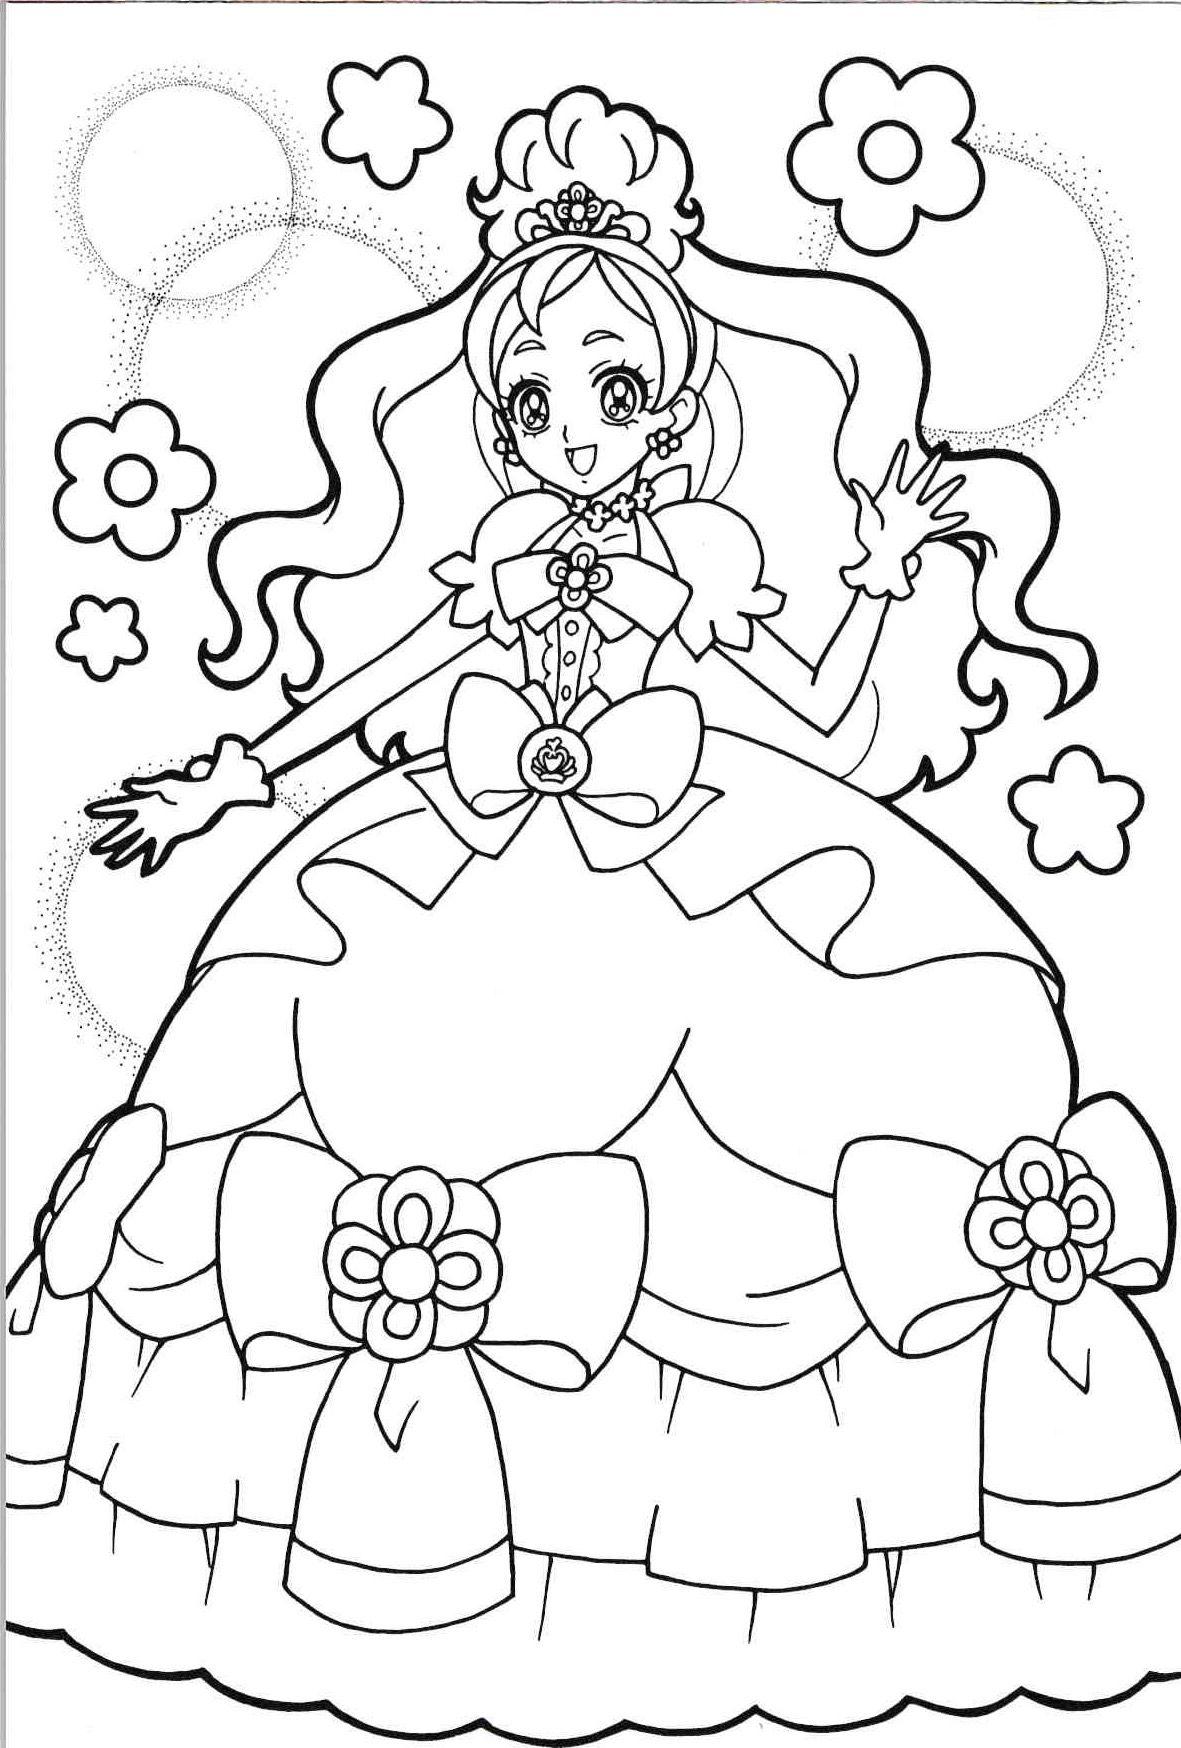 Coloring Pages Cardcaptor Sakura Coloring Pages cardcaptor sakura coloring page pages of epicness princess precure cure flora